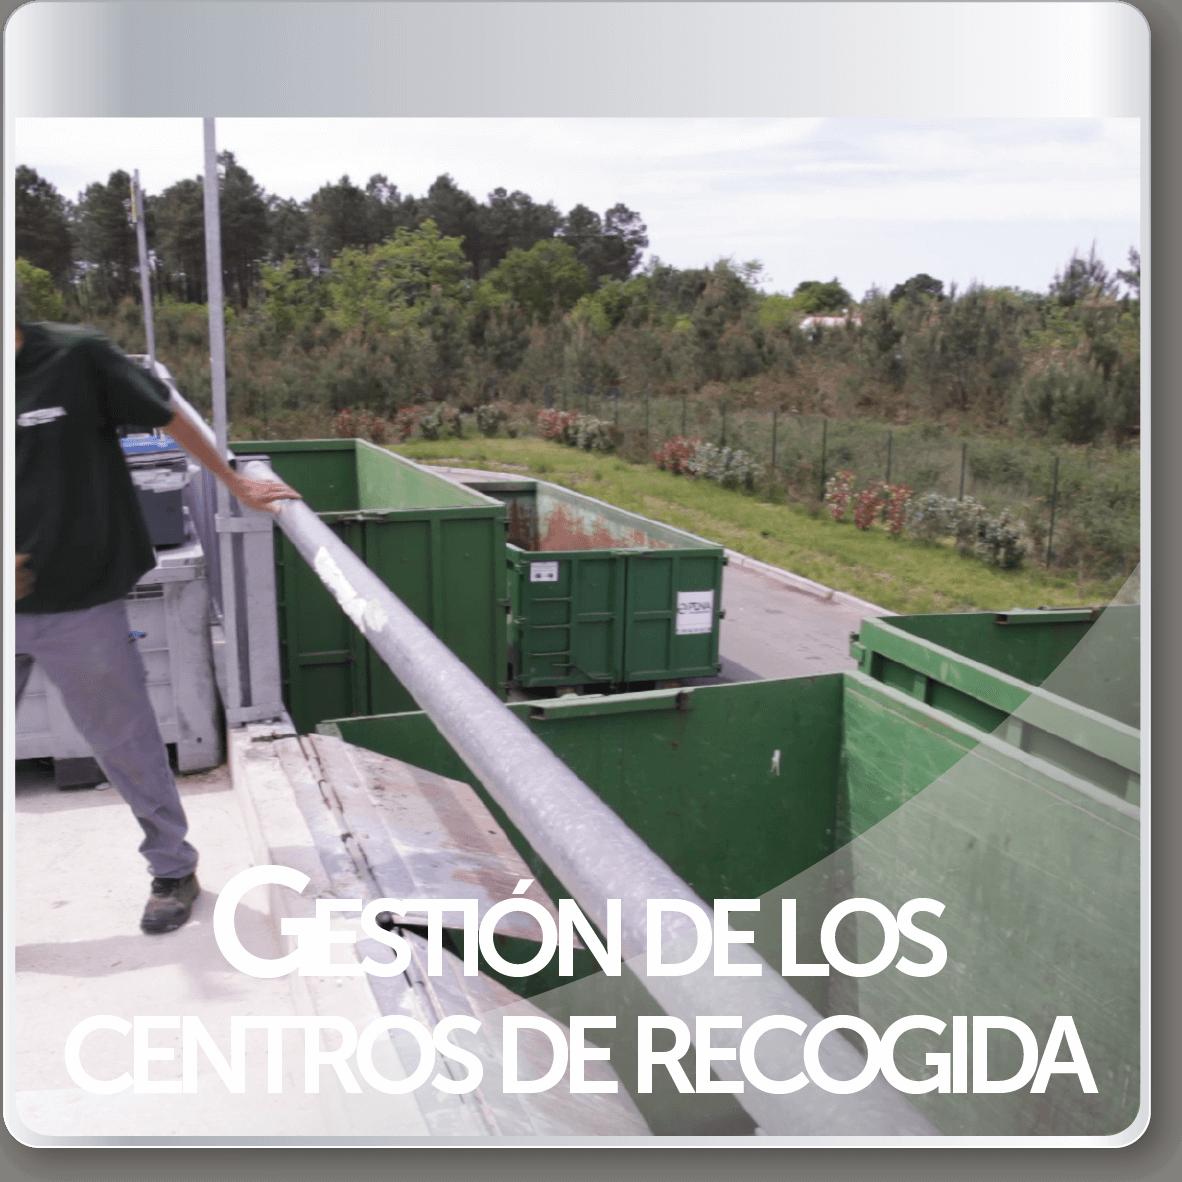 gestion de los centros de recogida